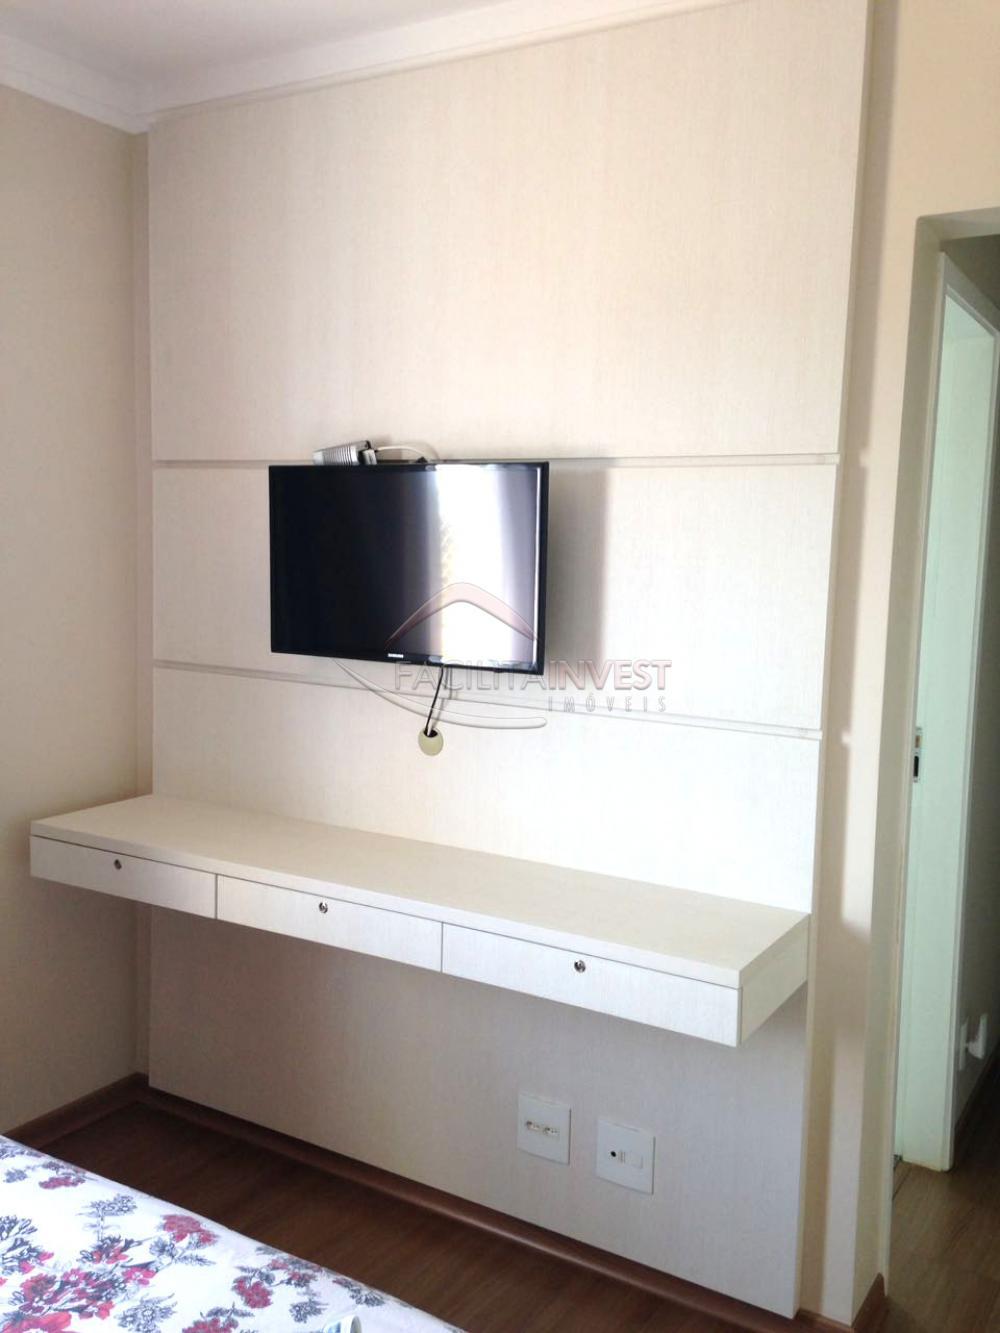 Comprar Apartamentos / Apart. Padrão em Ribeirão Preto apenas R$ 730.000,00 - Foto 10